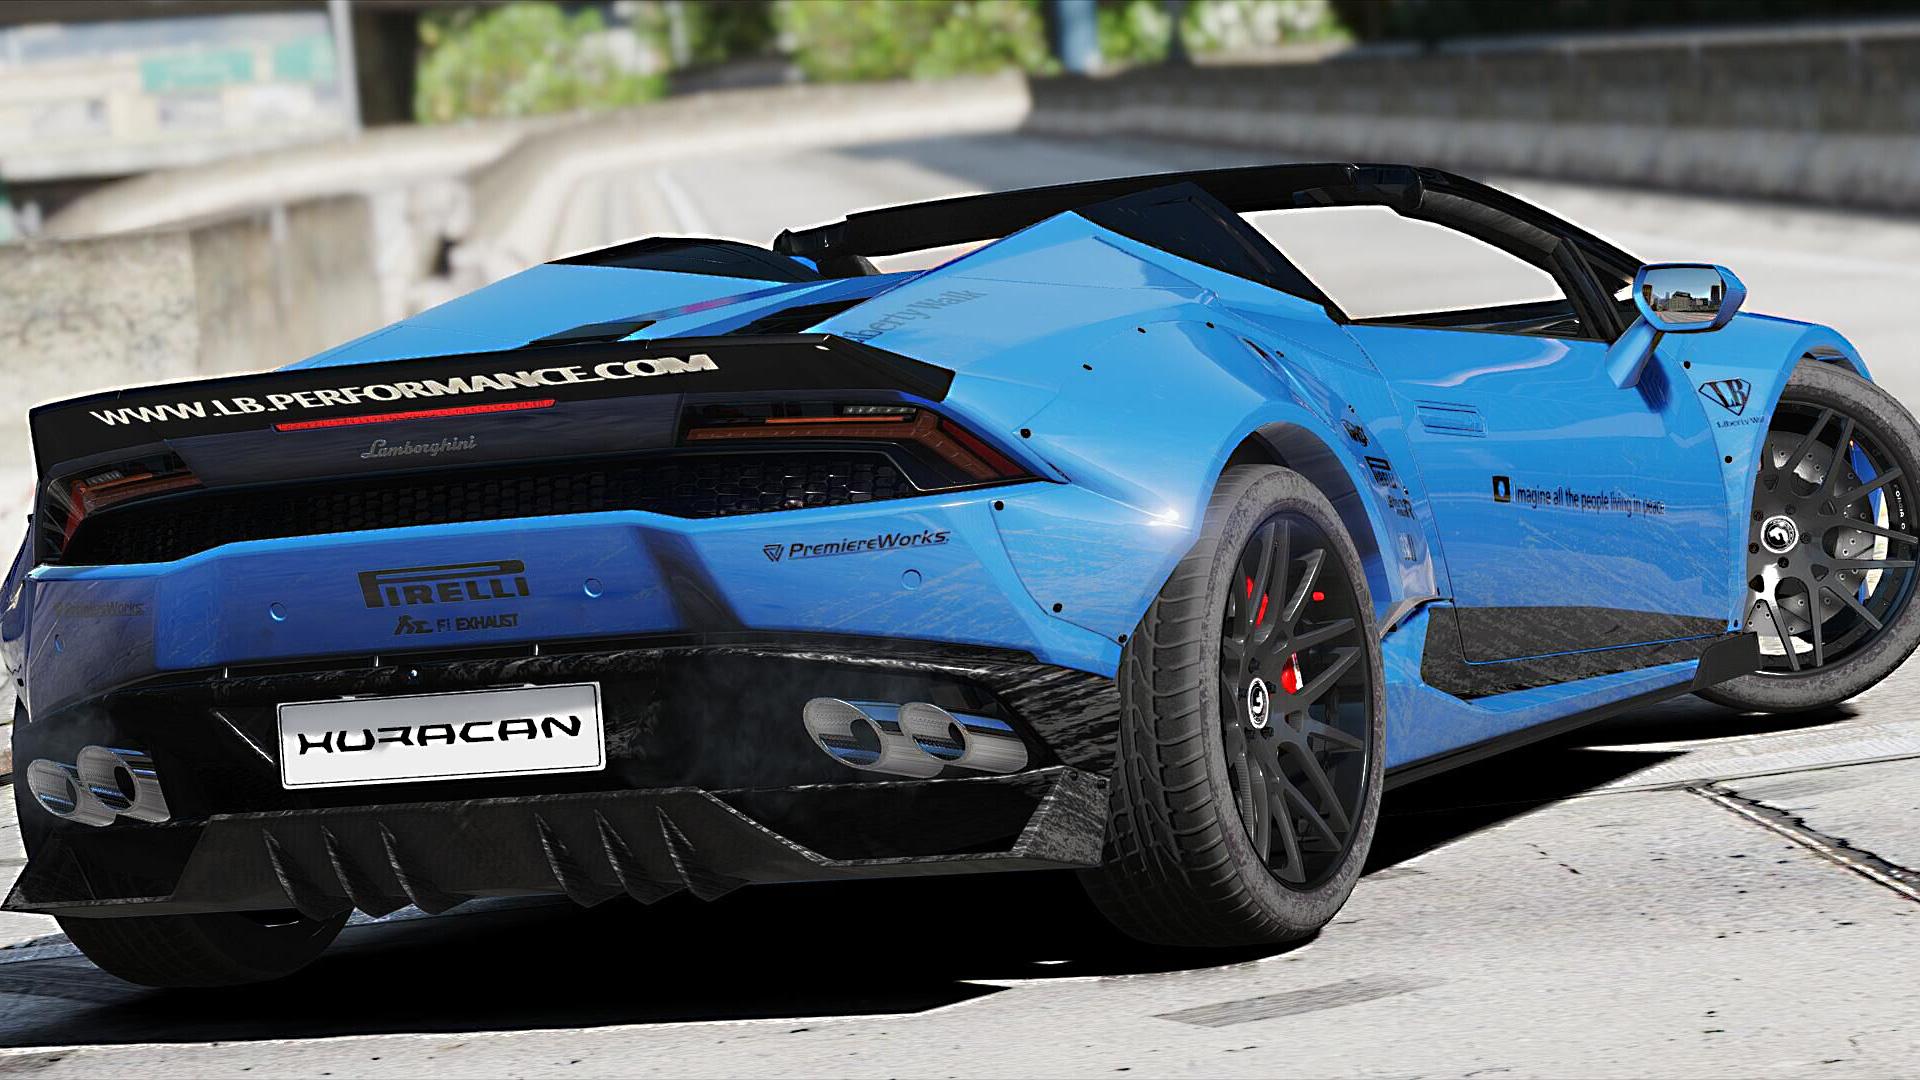 Veneno Hd Wallpaper Lamborghini Huracan Spyder Liberty Walk Paintjob Gta5